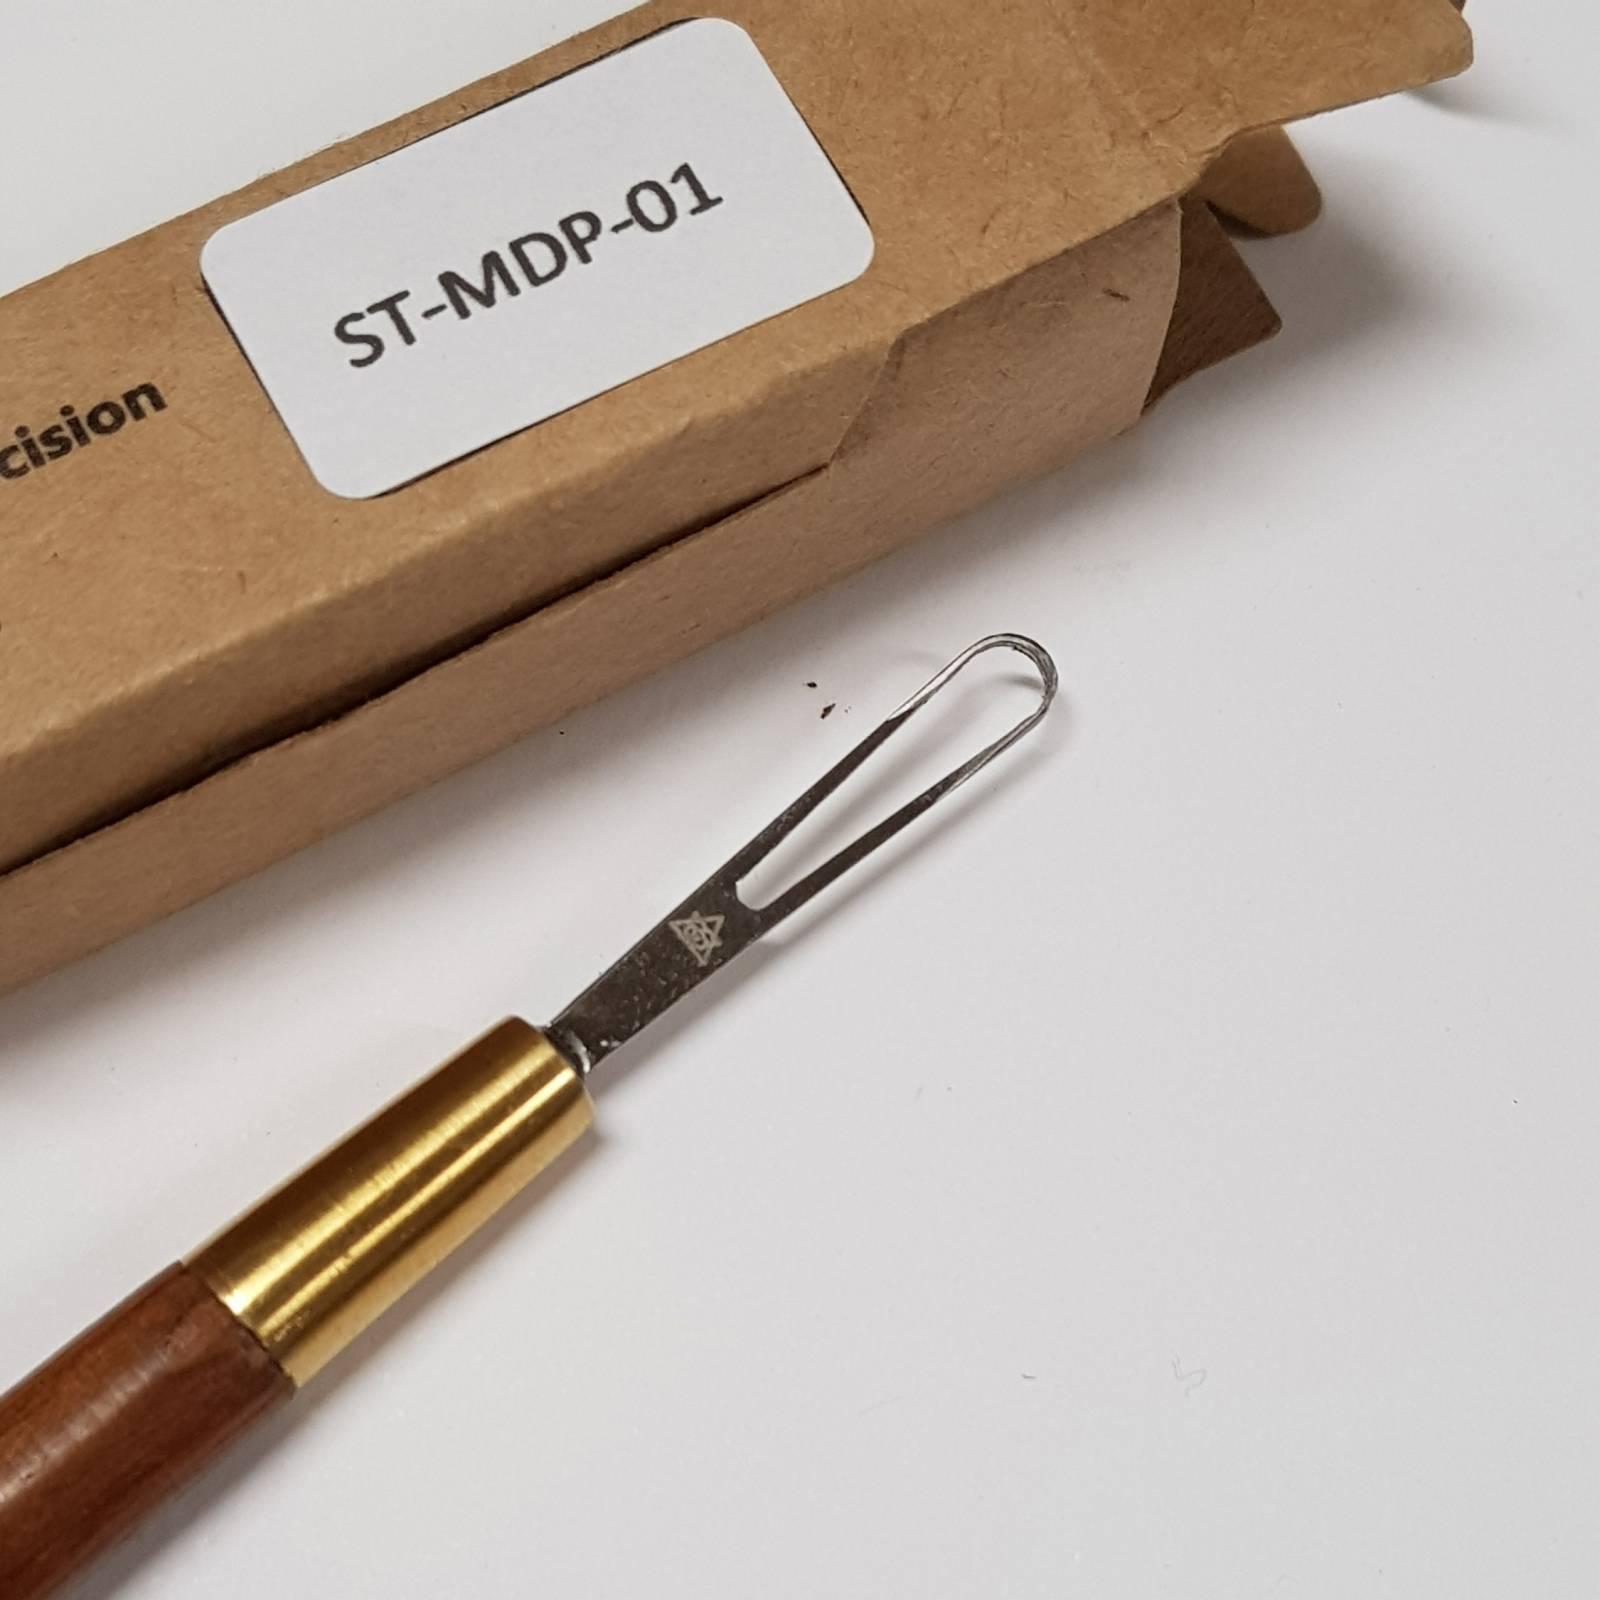 Ferramenta para esculpir ST-MDP-01